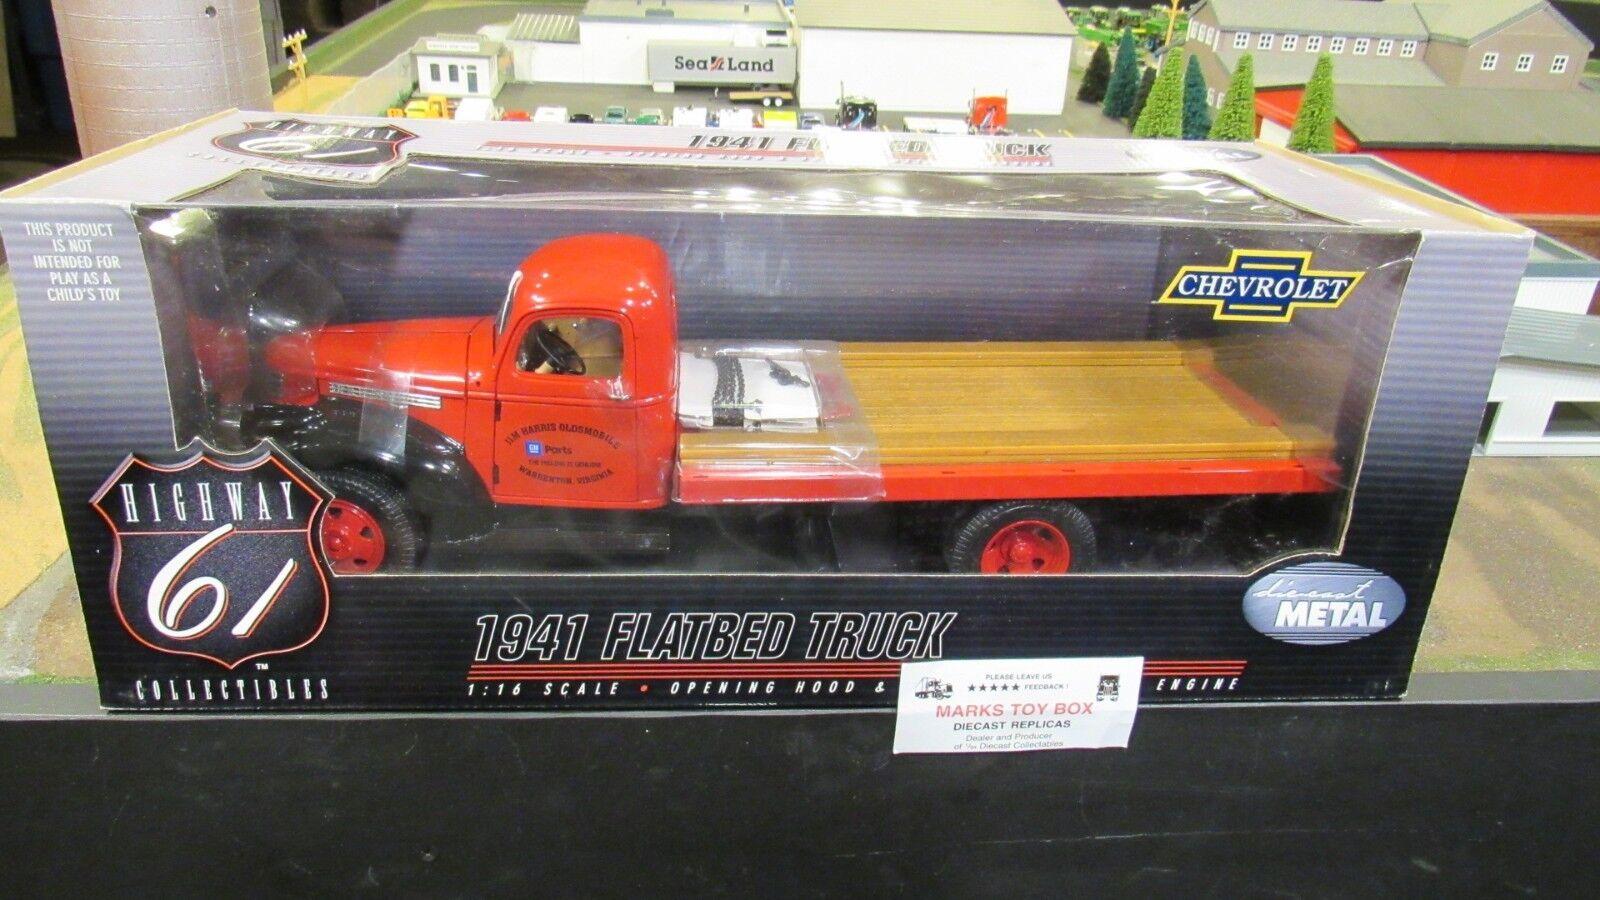 buscando agente de ventas DCP  60007 Hwy 61 Jim Jim Jim Harris va 1941 Chevrolet Chevy rojo camión de cama plana 1 16 CL  seguro de calidad